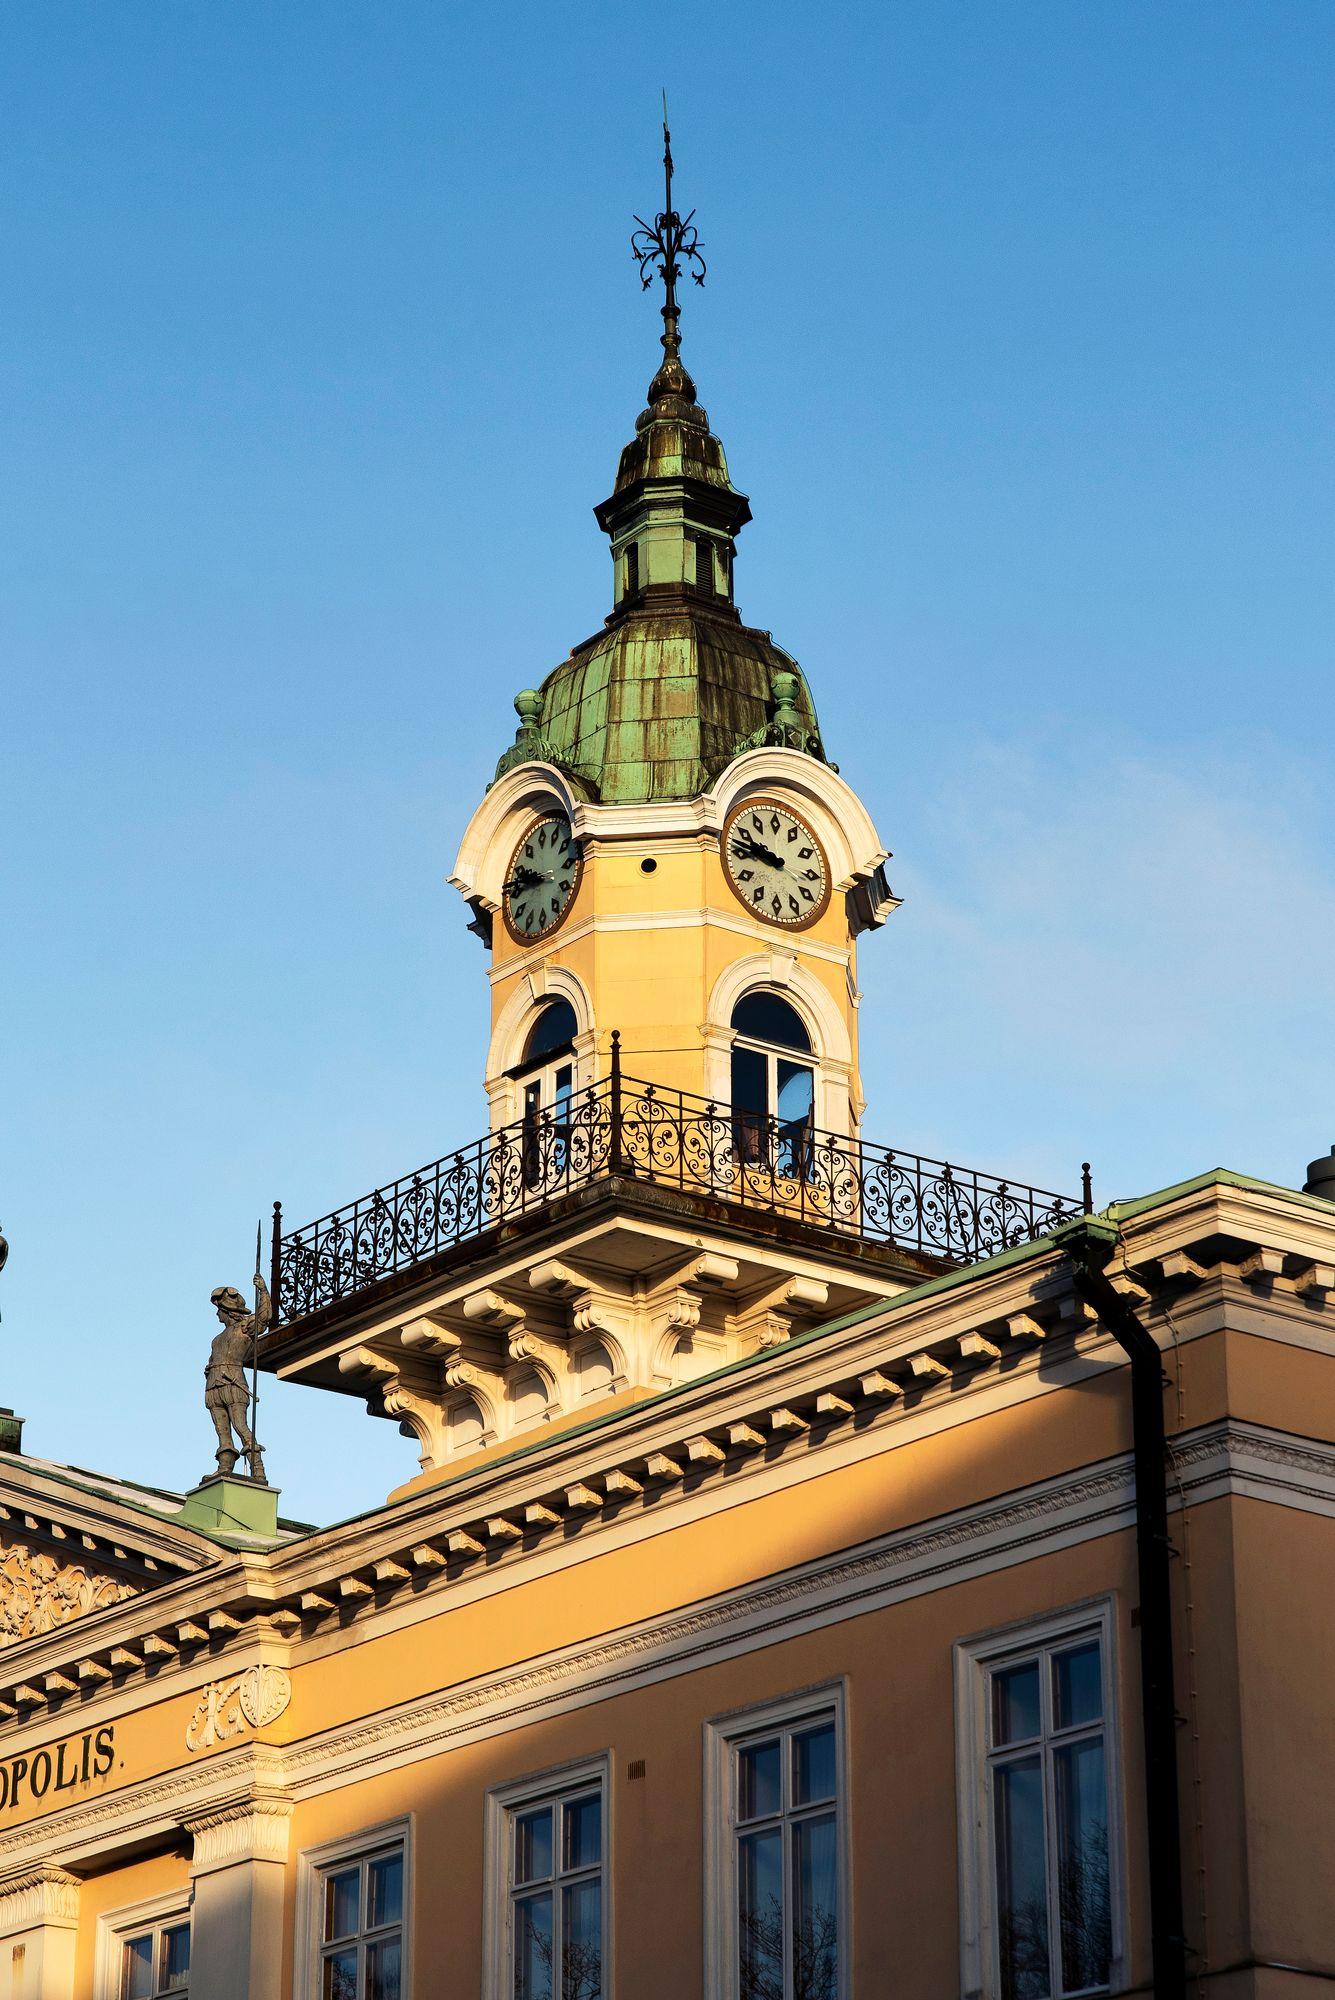 1841 valmistunut Porin raatihuone on Carl Ludvig Engelin suunnittelema. Se toimi kaupungintalona vuoteen 1961. Nykyisin rakennuksessa on kellariravintola sekä muun muassa Pori Jazzin toimisto. © Aku Ratsula